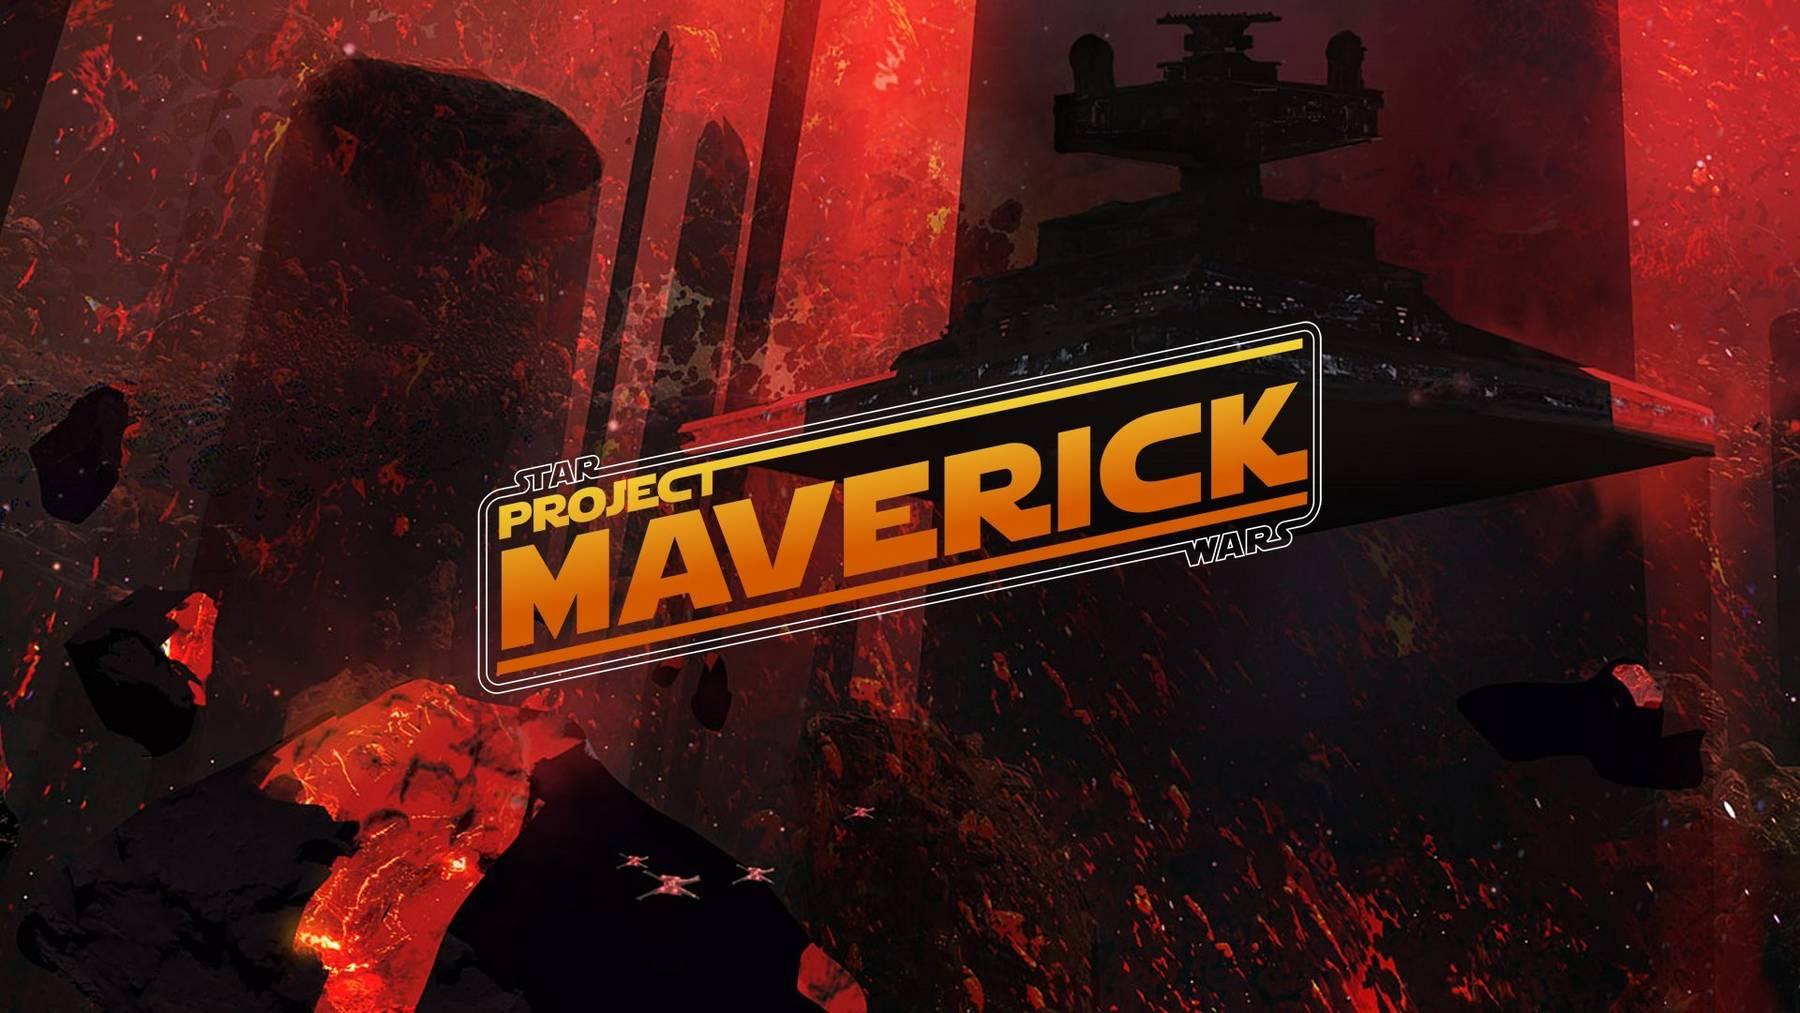 Na PSN unikla neoznámená hra Star Wars: Project Maverick